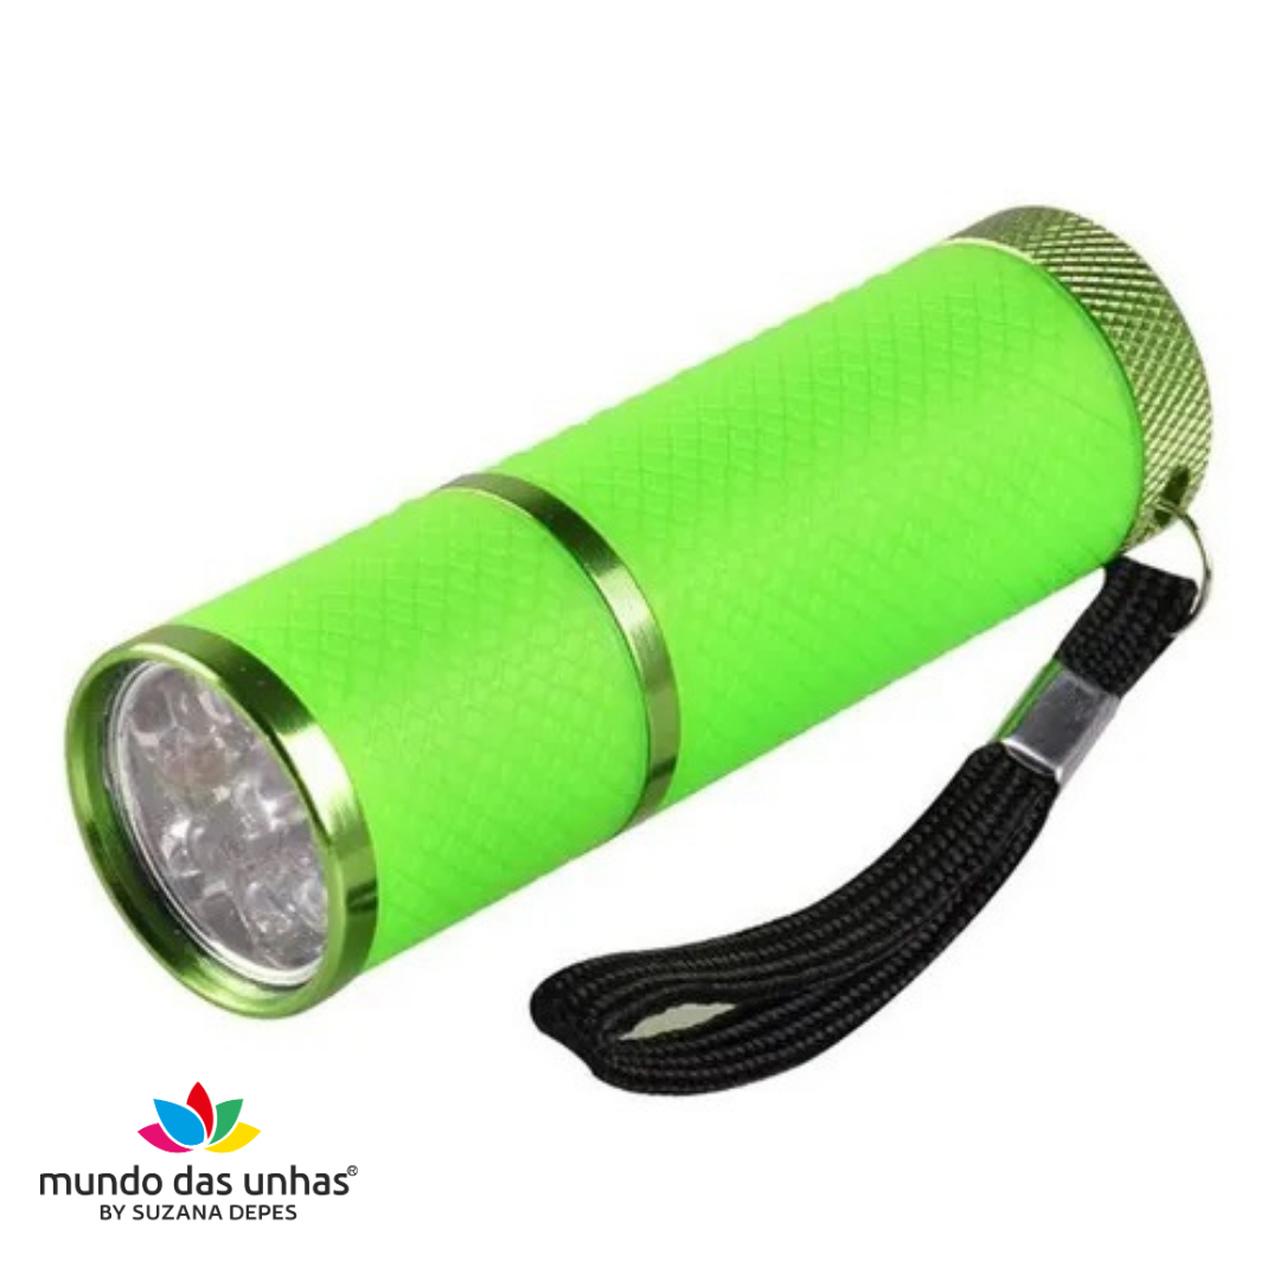 Lanterna de LED para secagem de unhas - VERDE